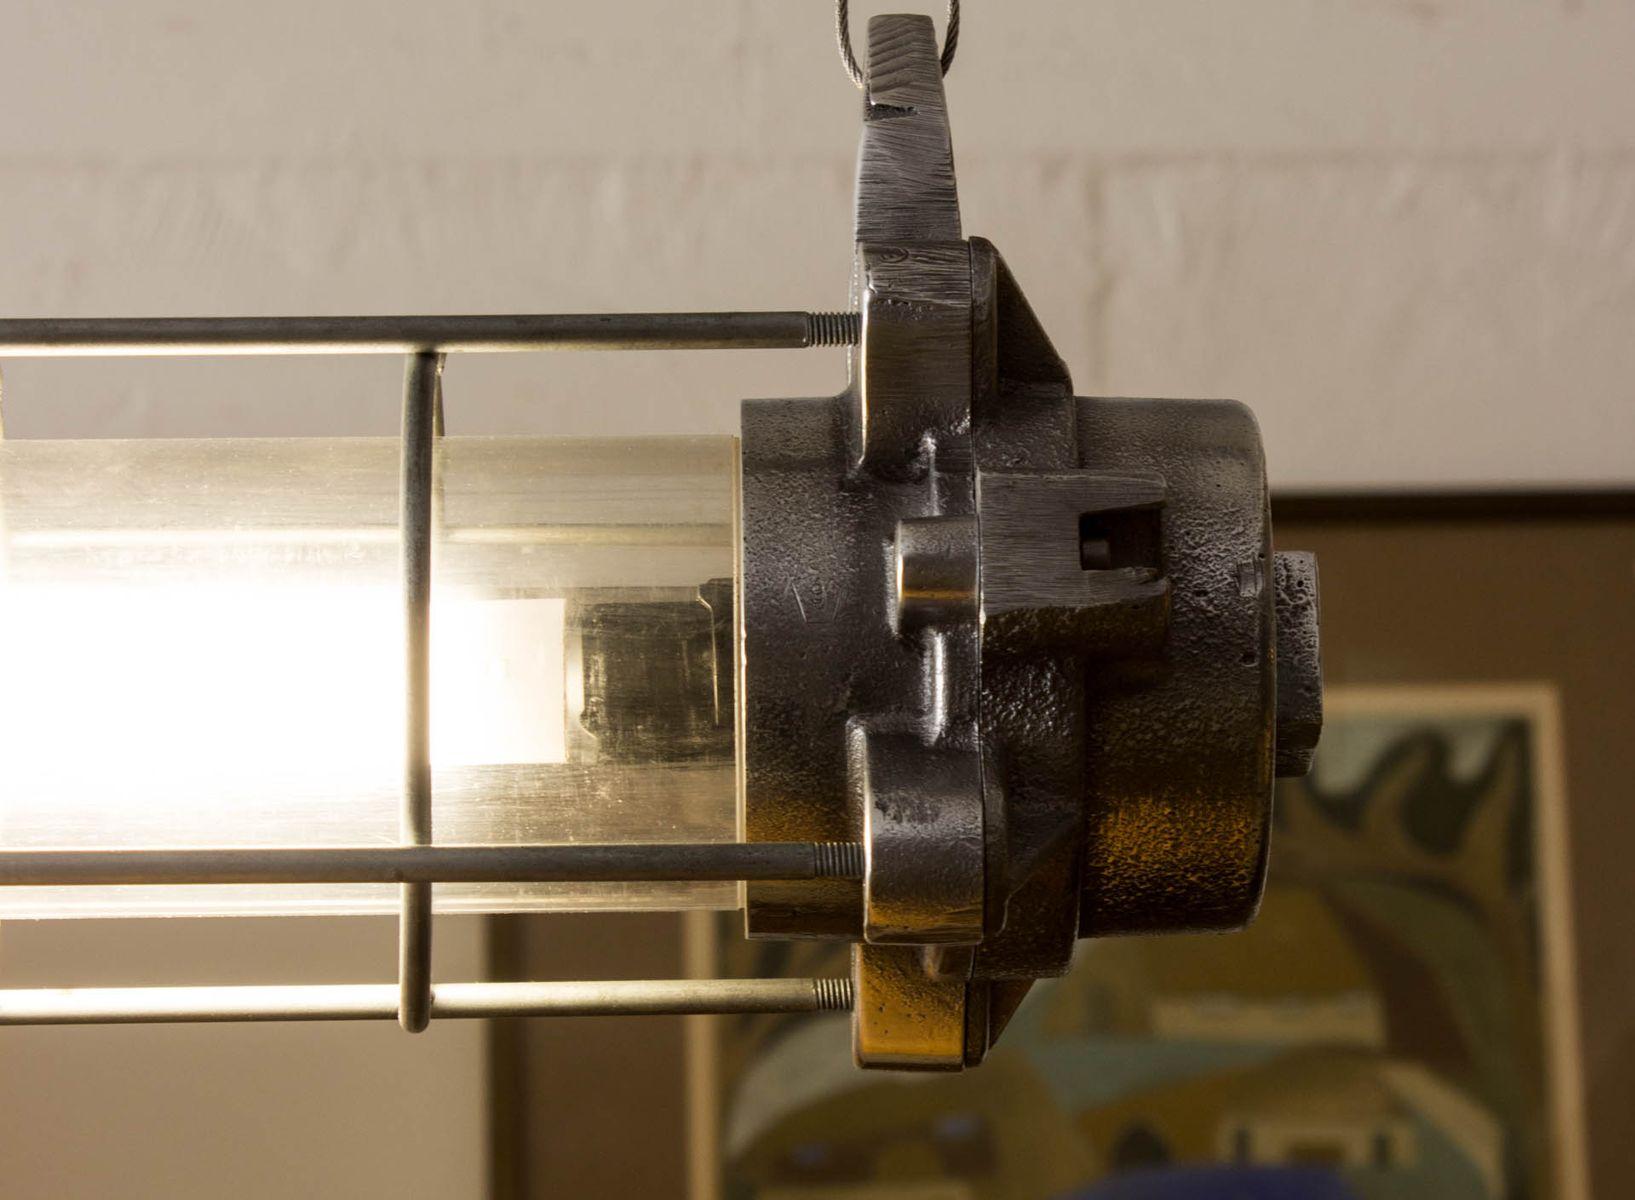 Lampada industriale in alluminio in vendita su Pamono